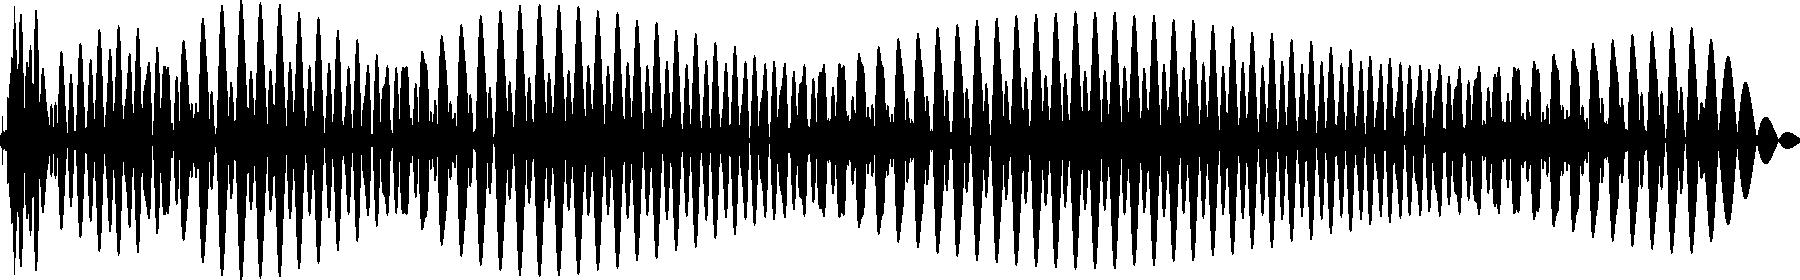 vedh bass cut 075 a